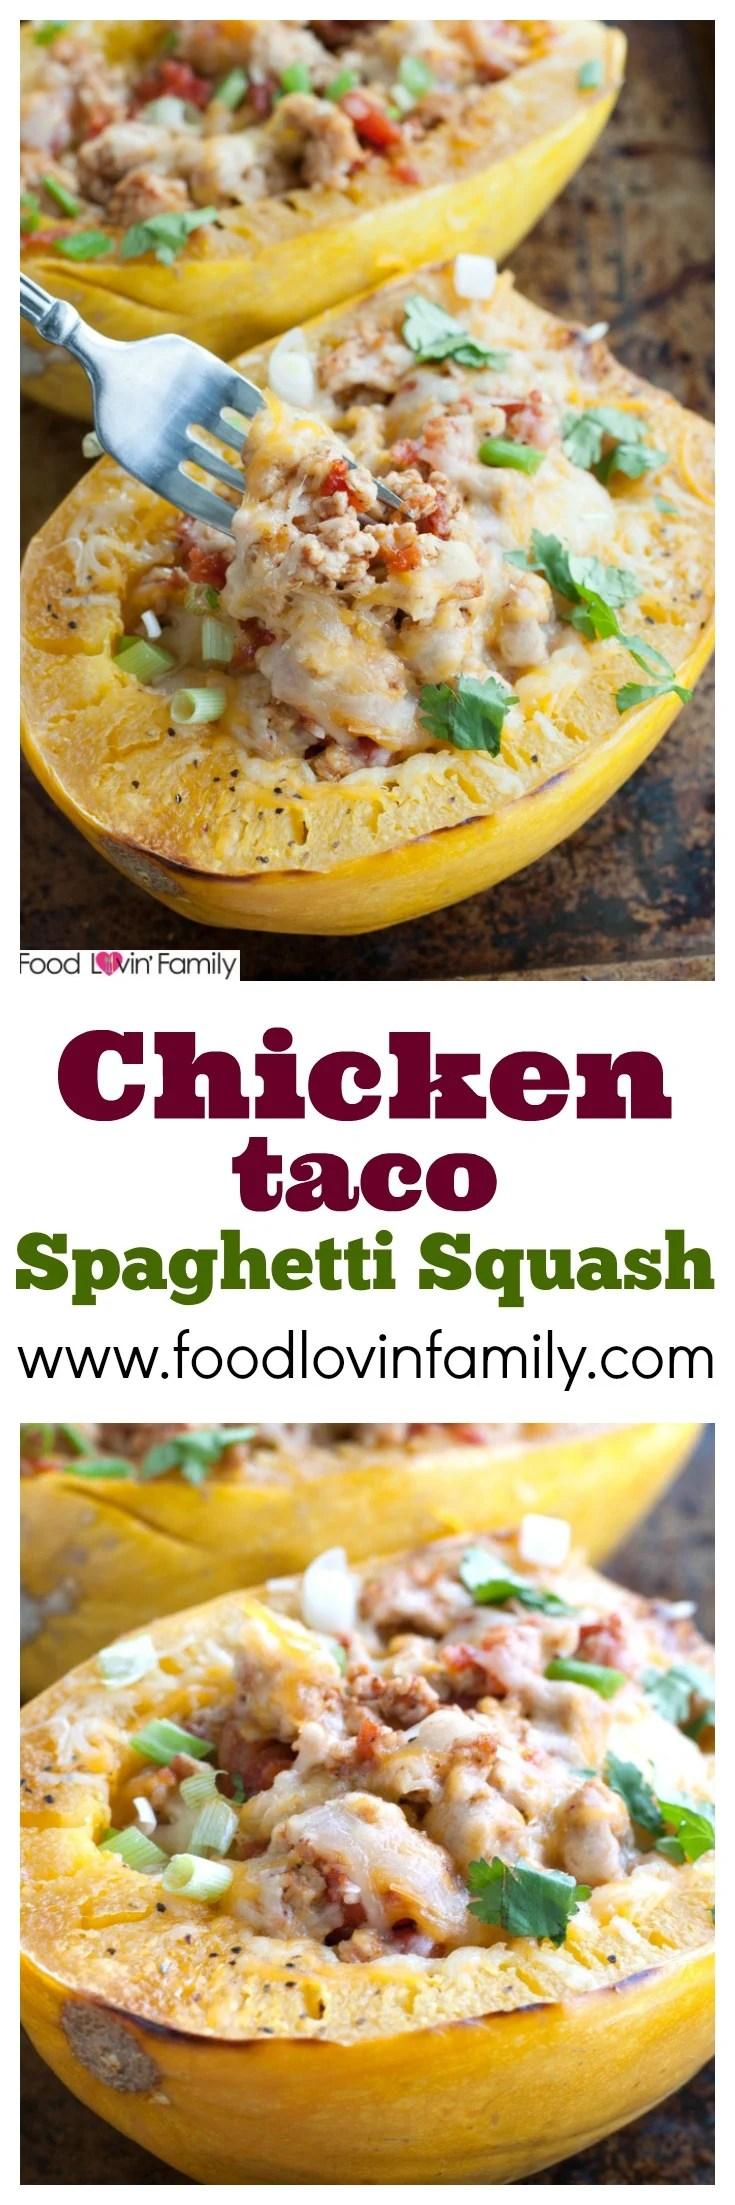 Chicken taco spaghetti squash pin